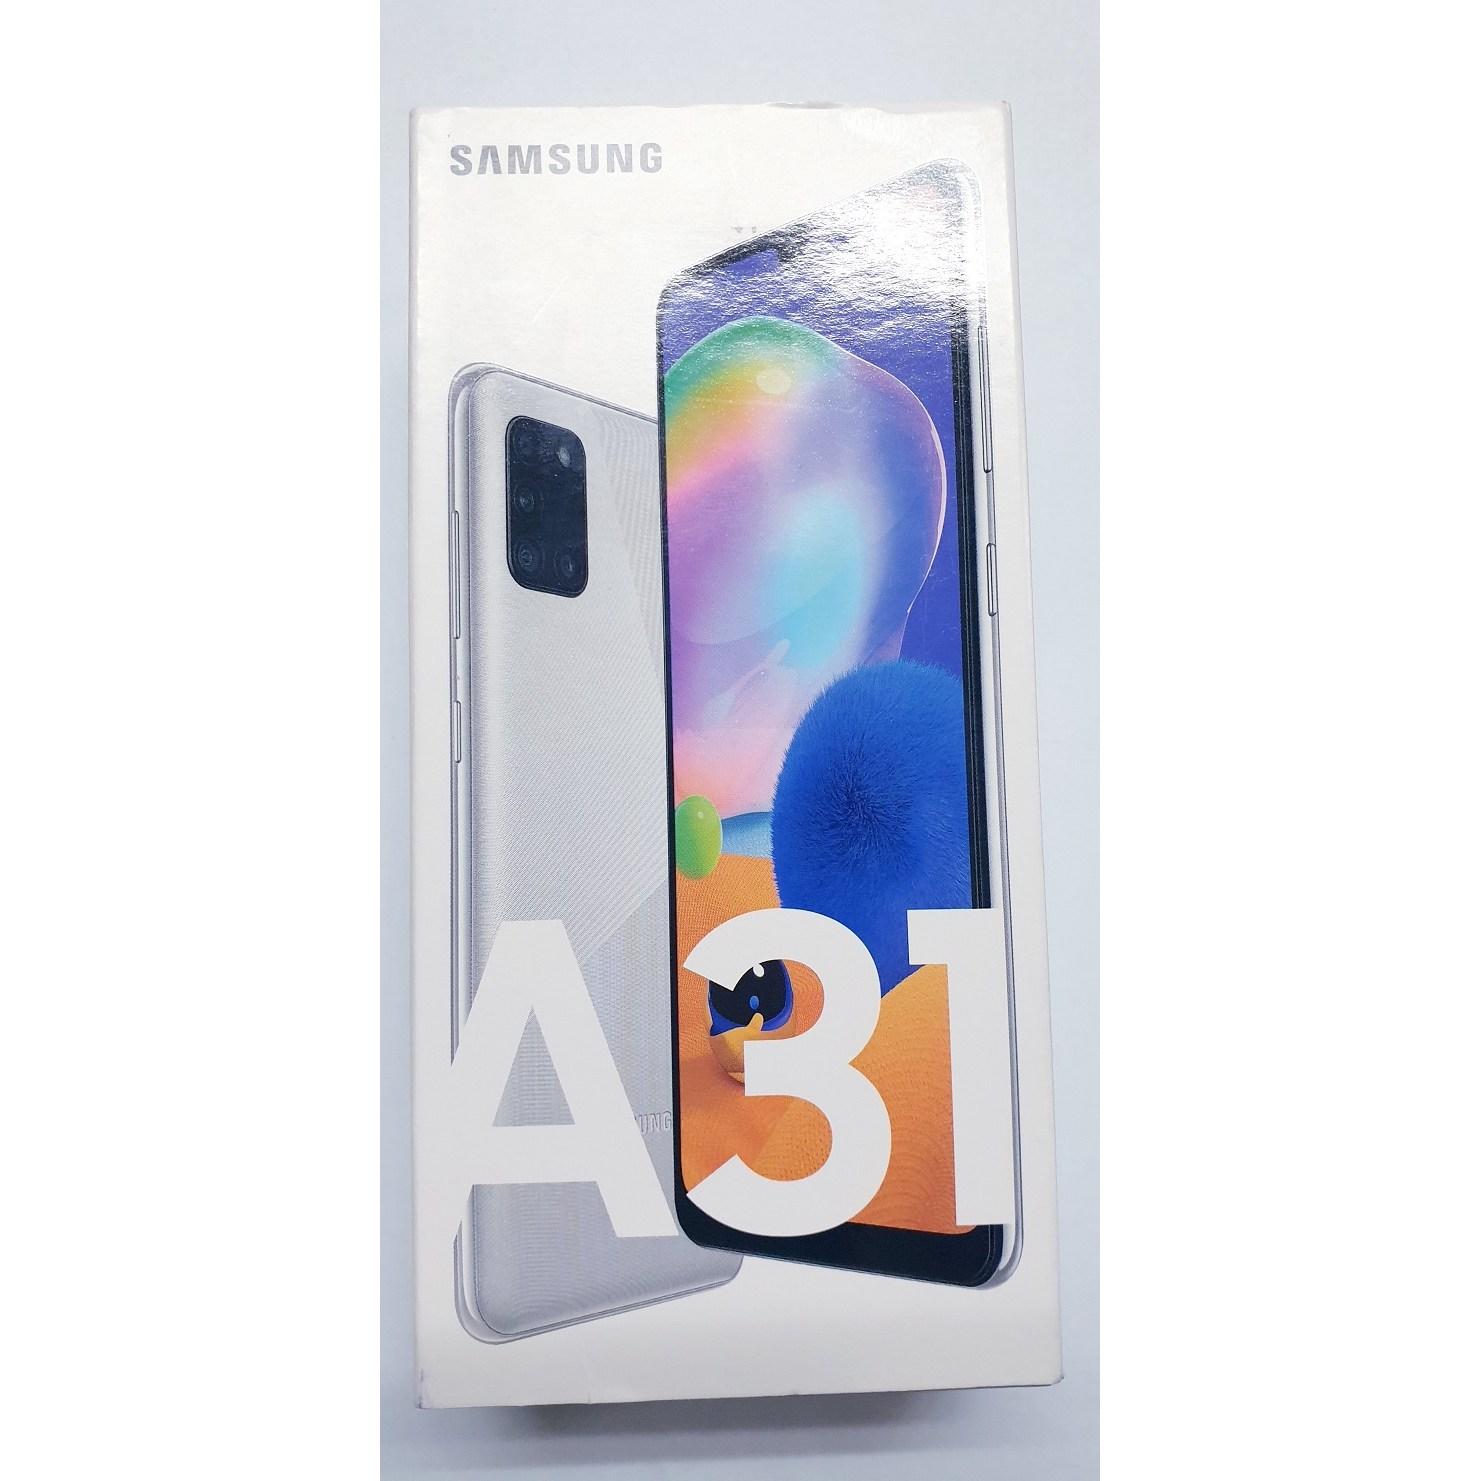 [풀박스 새제품] 삼성전자 갤럭시A31 64GB 공기계 무료배송, 실버